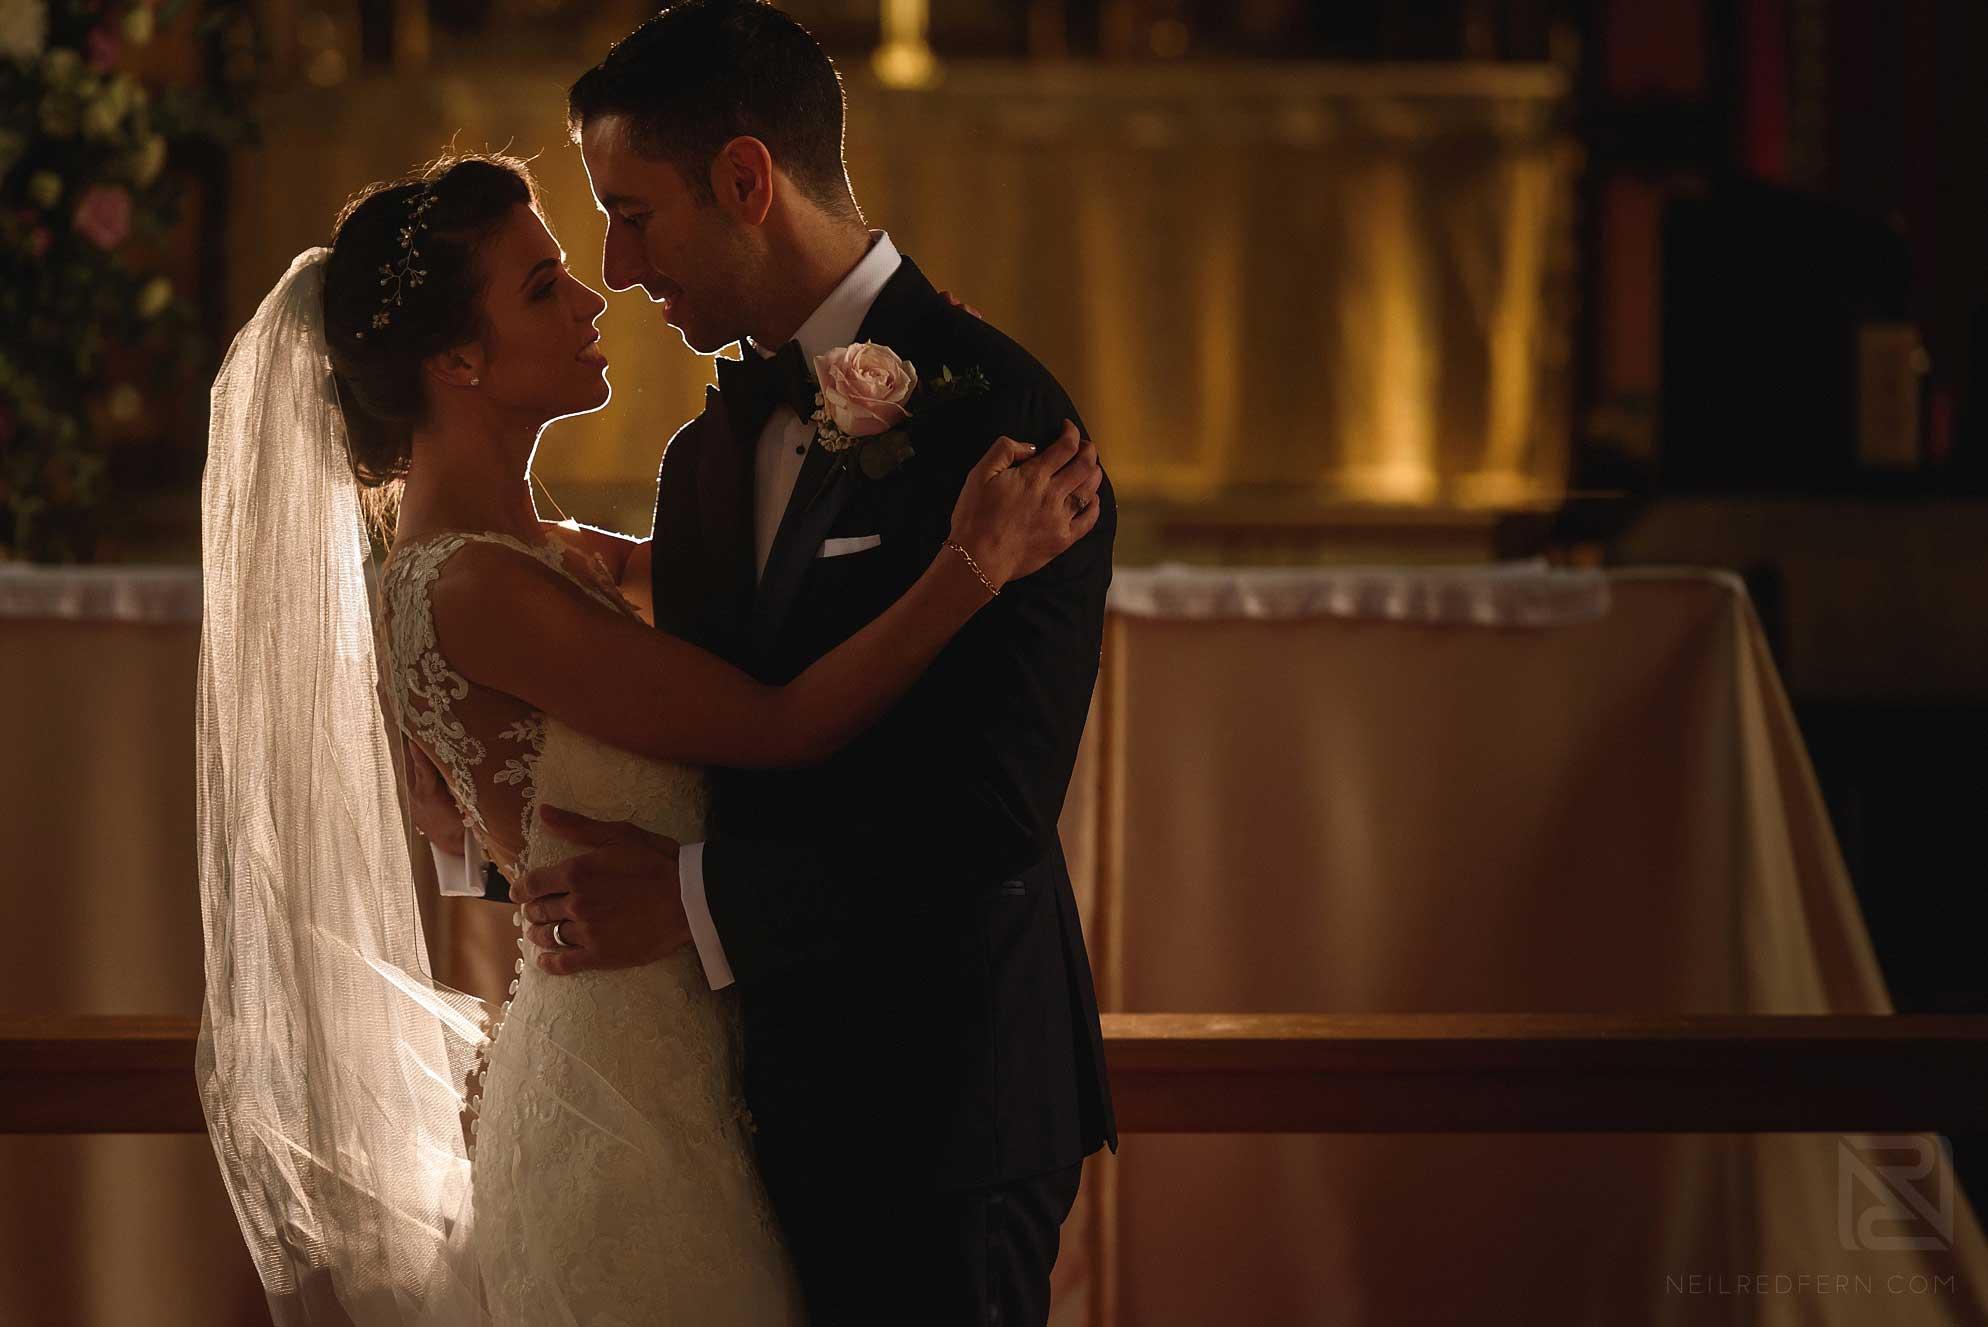 Nanteos-Mansion-wedding-photographs-33